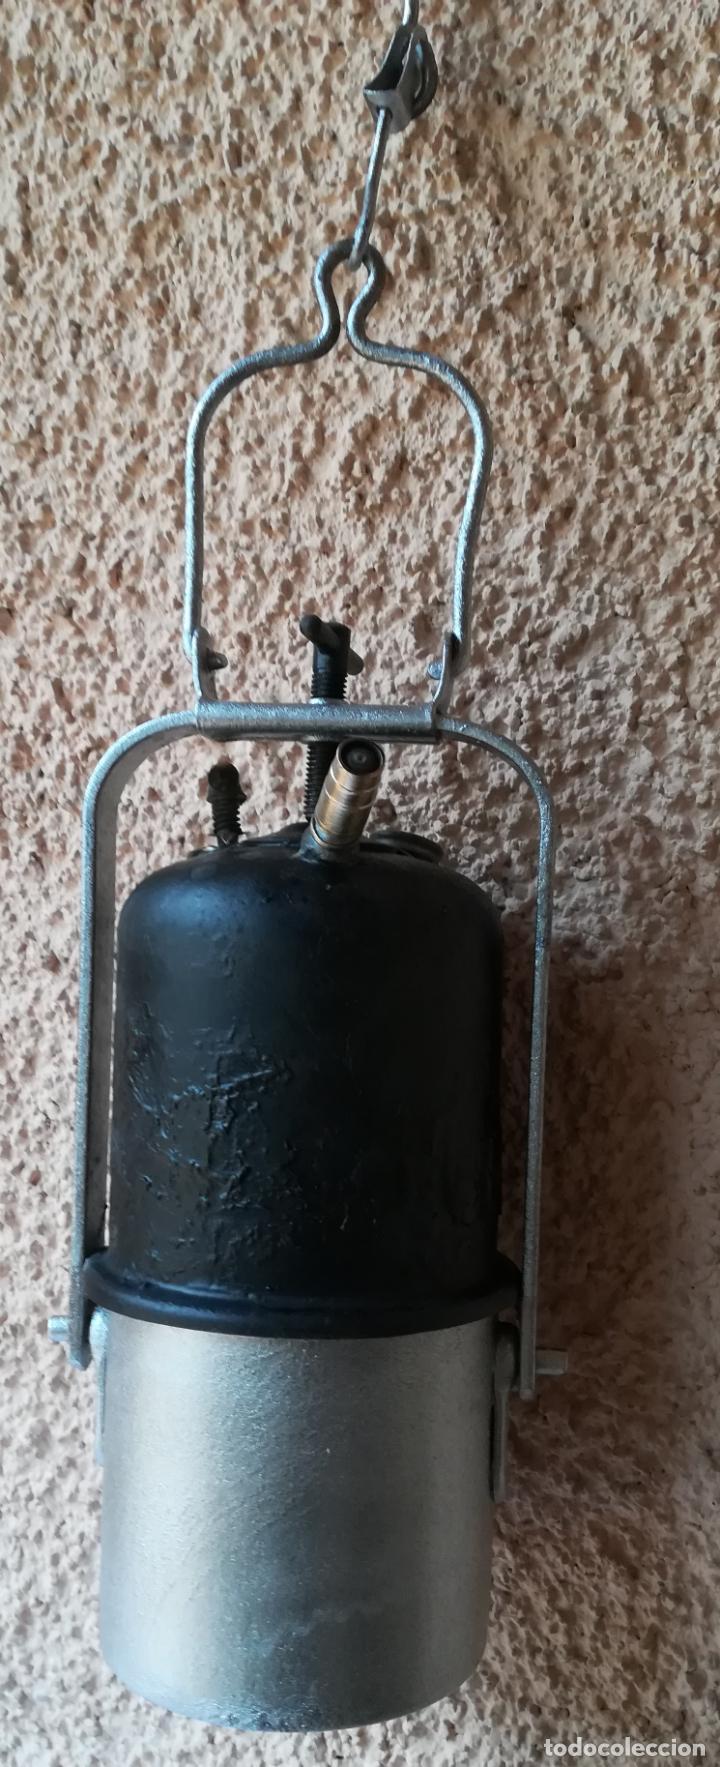 Antigüedades: Decorativa Lámpara de carburo, siglo XIX, - Foto 4 - 194754598